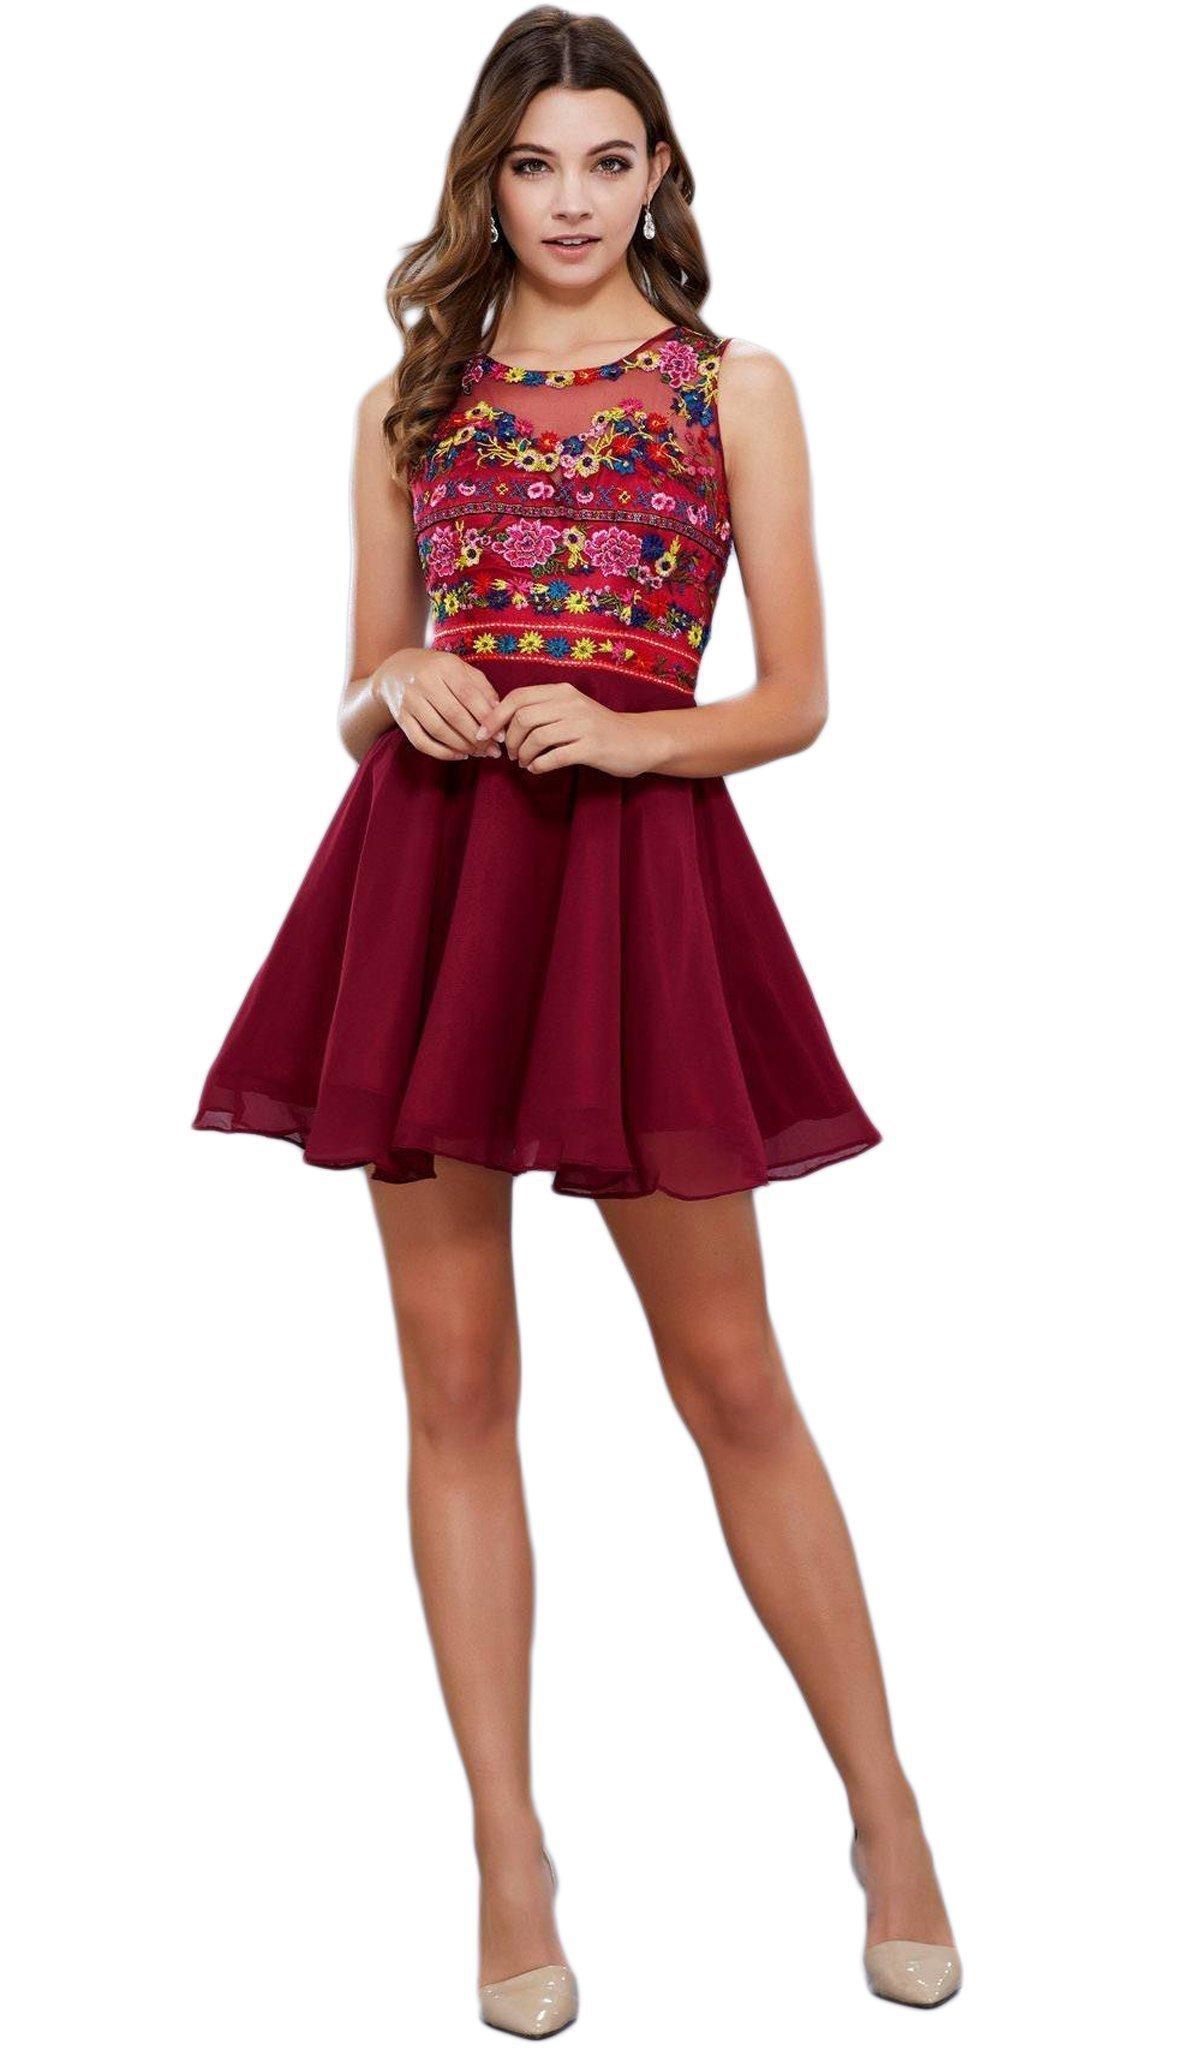 Nox Anabel - 6239 Floral Illusion Bateau Neck Dress